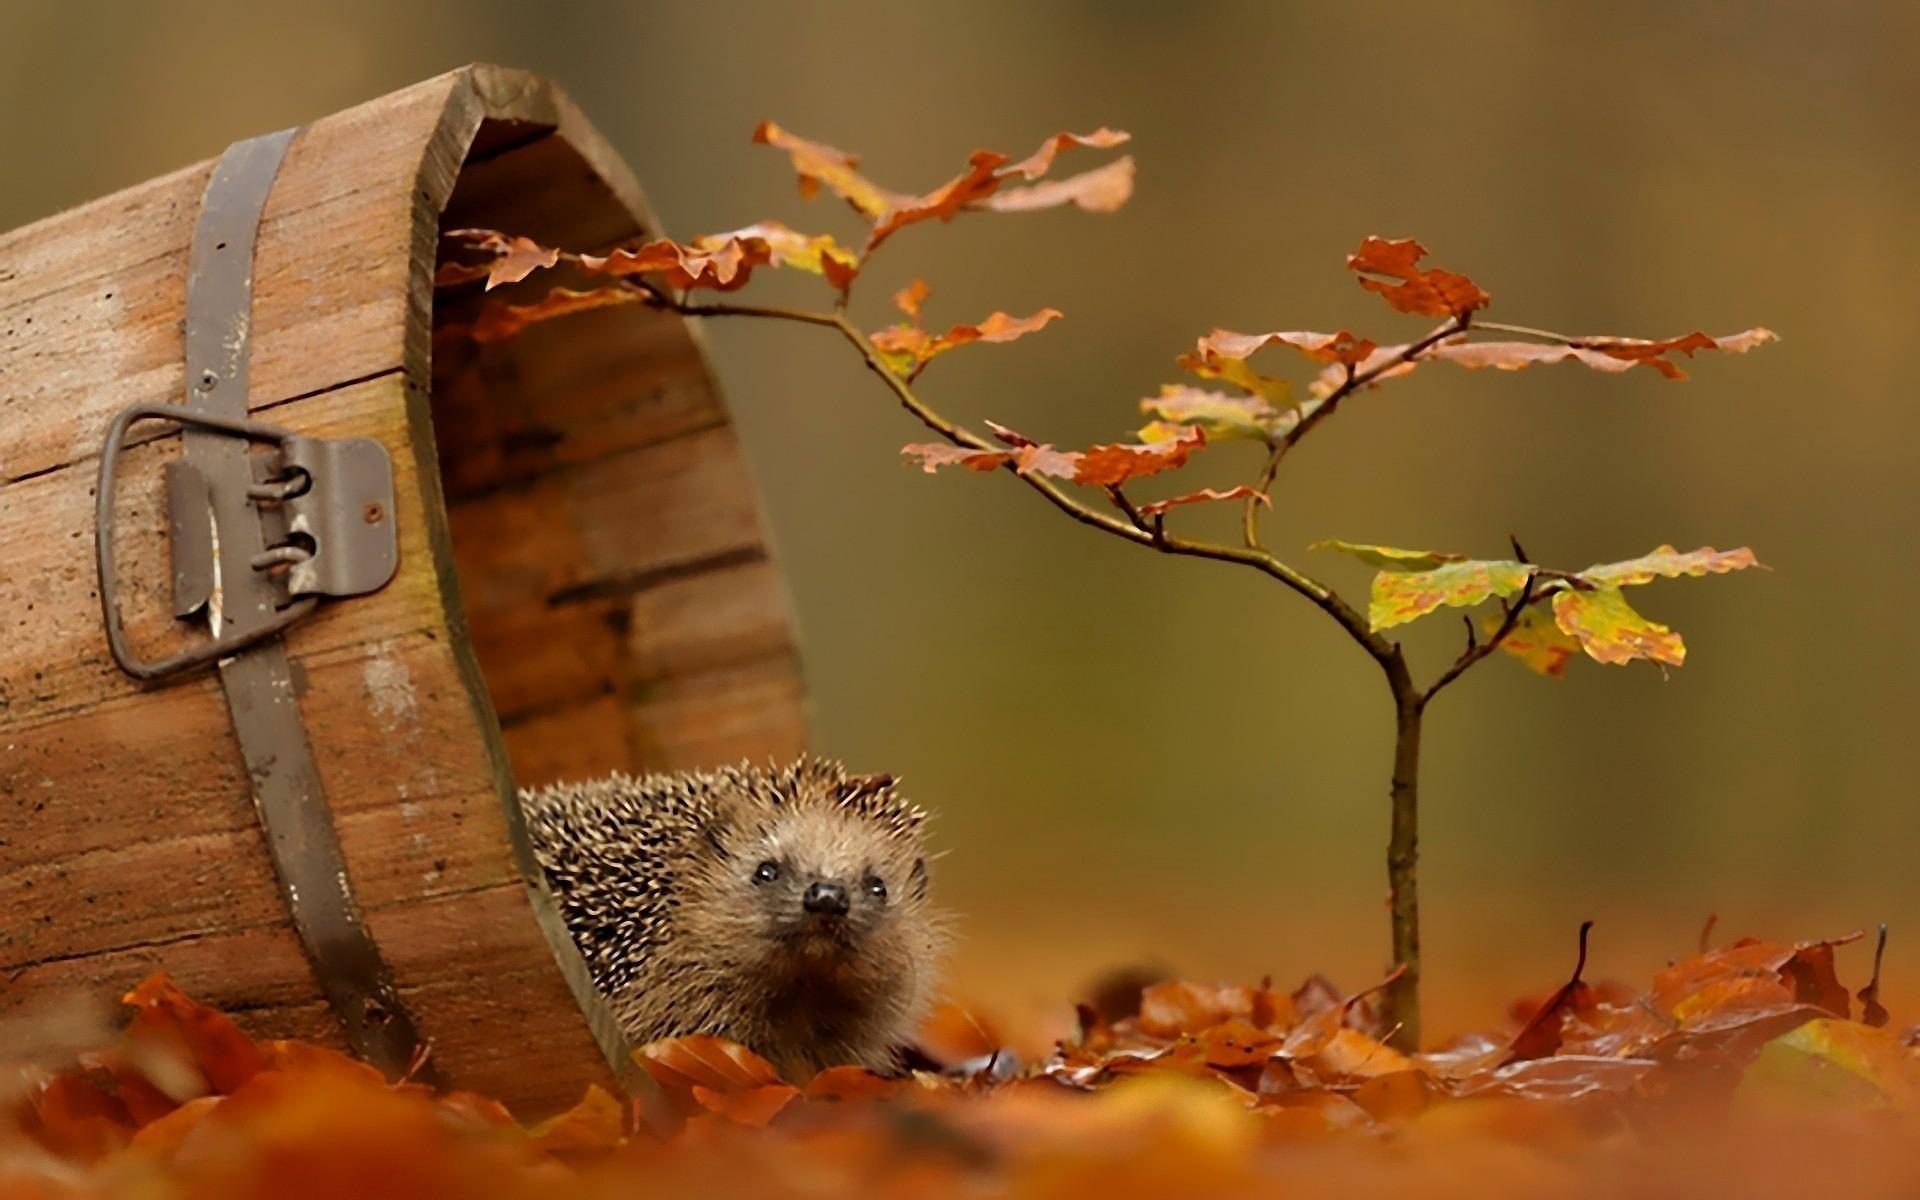 Fall Foliage Wallpaper Hd Die 83 Besten Herbst Wallpapers